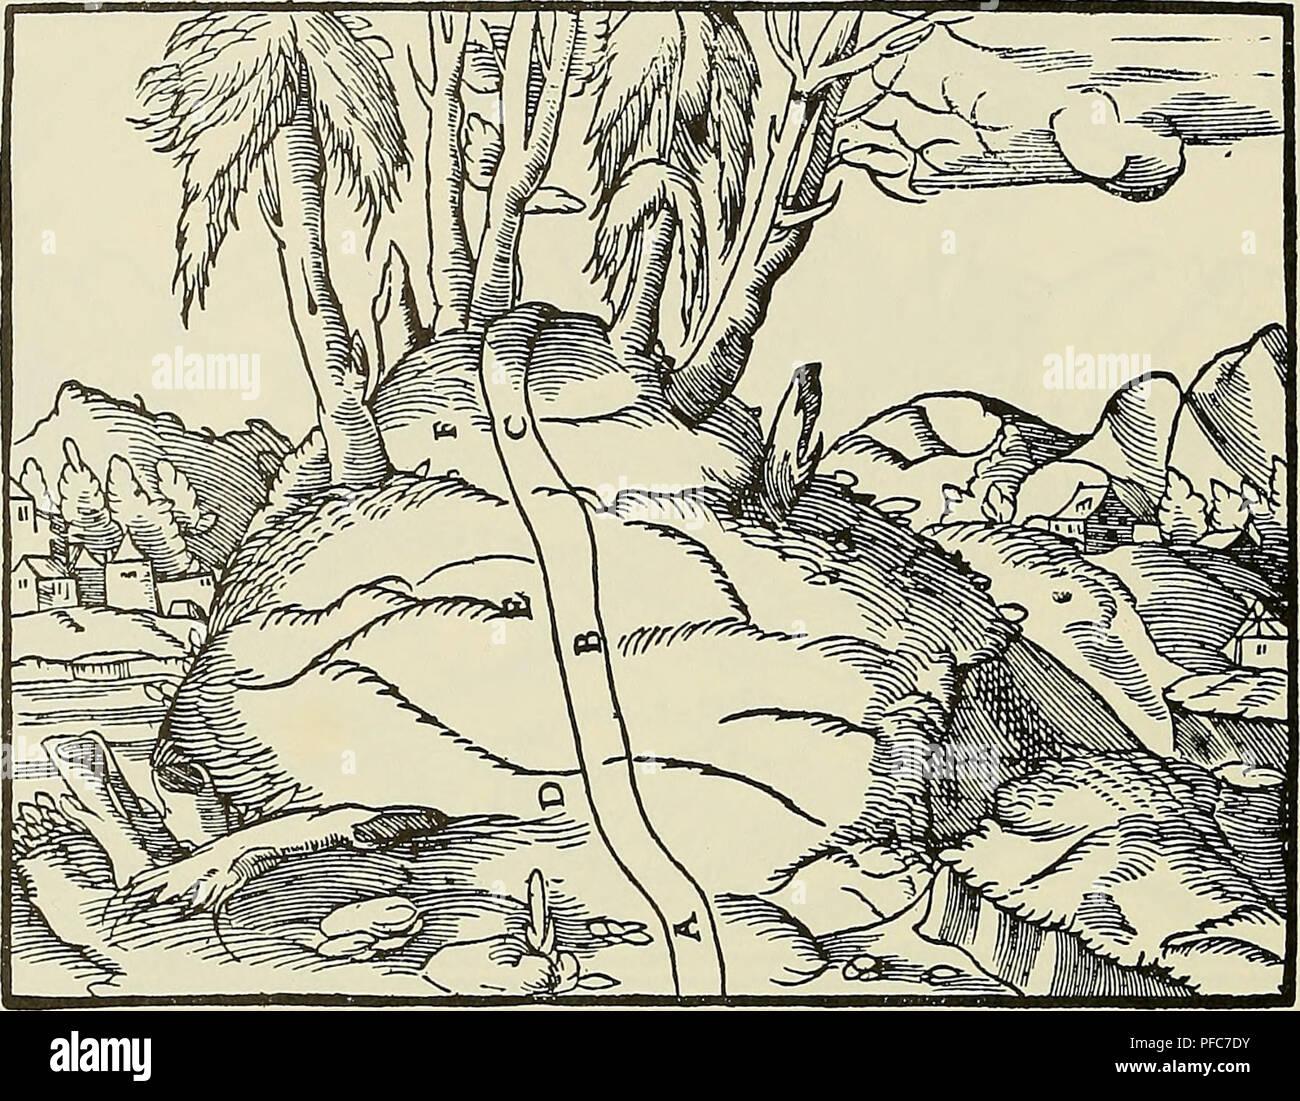 . De re metallica. La metalurgia; los minerales. 56 Libro III. Otros, por el contrario, corre desde el norte hacia el sur. A, B, C-Vena. D, E, F-costuras en las rocas. Las costuras en las rocas que nos indique si una veta corre del este o del oeste. Por ejemplo, si la roca las costuras se inclinan hacia el oeste a medida que descienden hacia la tierra, la vena se dice para ejecutar desde el este al oeste; si se inclina hacia el oriente, la vena se dice para ejecutar desde el oeste hacia el este; de manera similar, podemos determinar a partir de la roca las costuras si las venas corre hacia el norte o el sur. Los mineros ahora dividir cada trimestre de la tierra en s Foto de stock